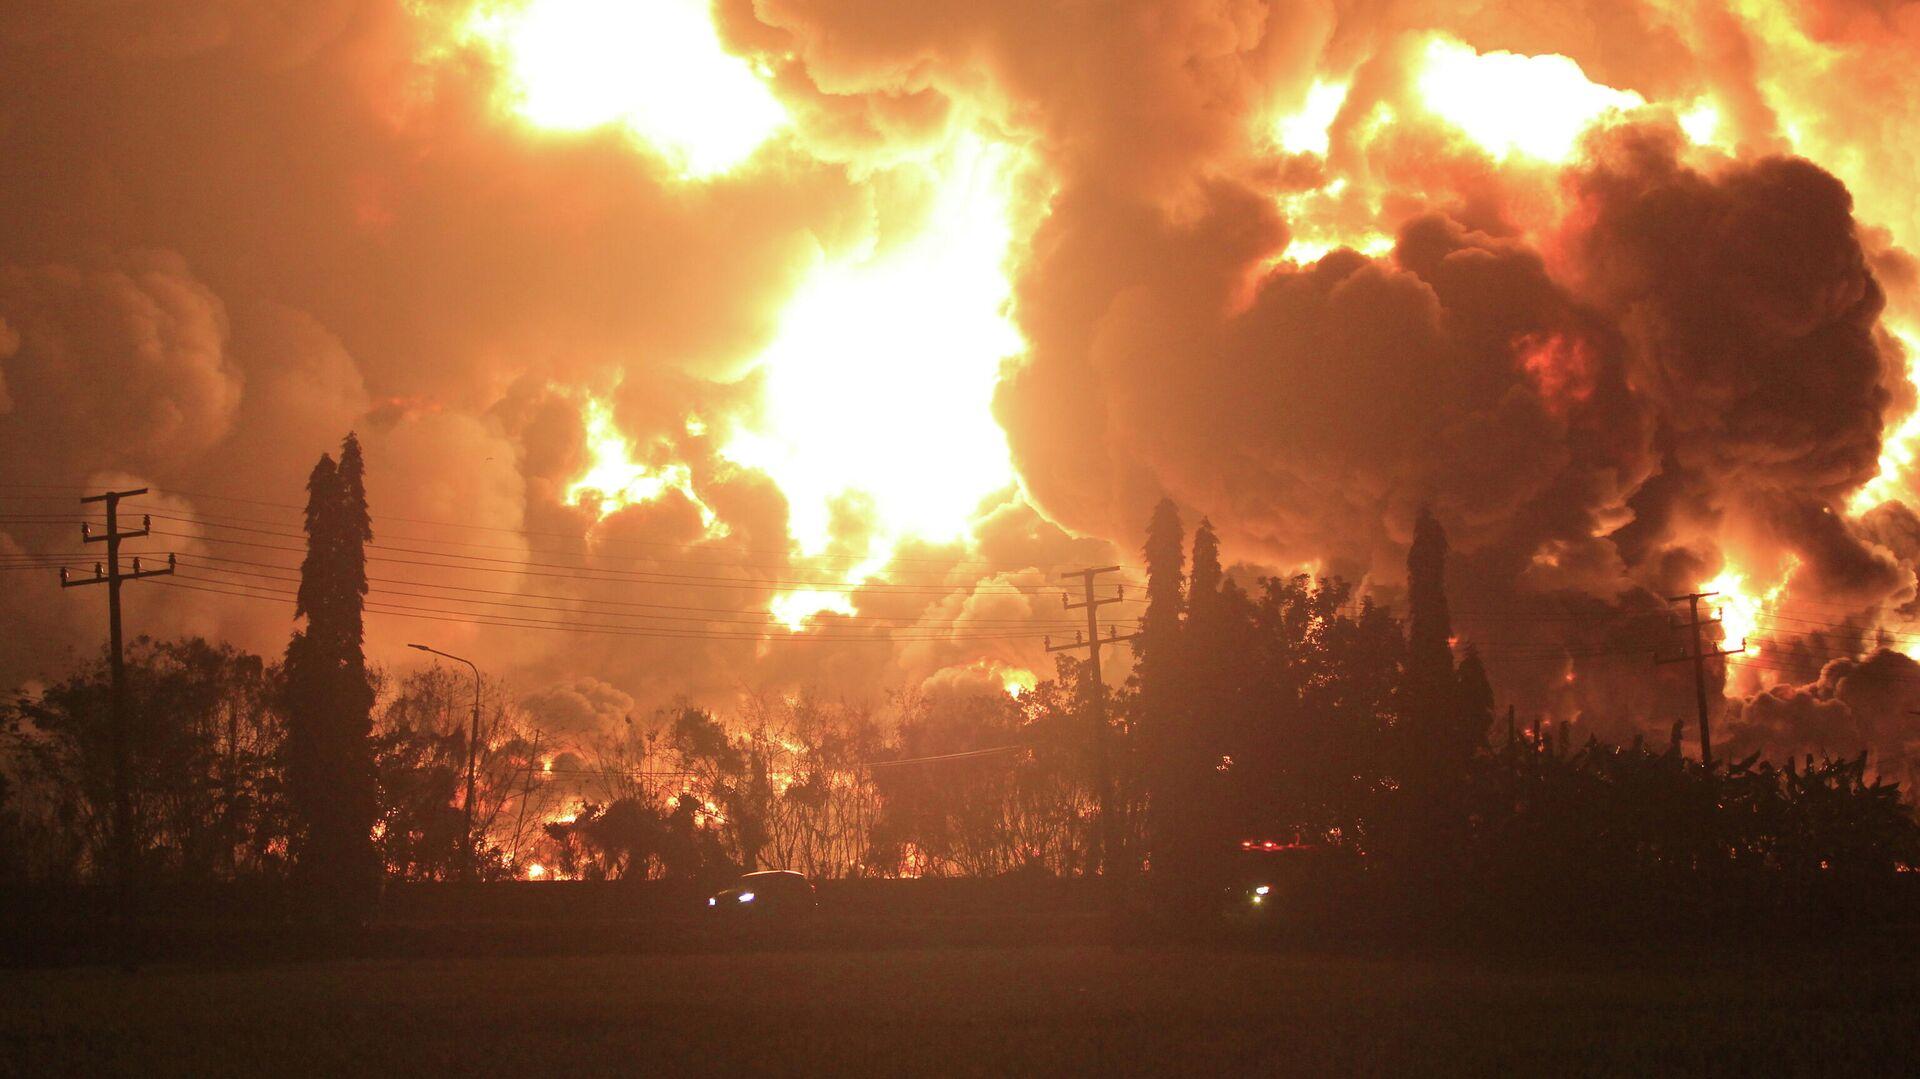 Explosión en la refinería de petróleo de Balongan, indonesia - Sputnik Mundo, 1920, 28.03.2021